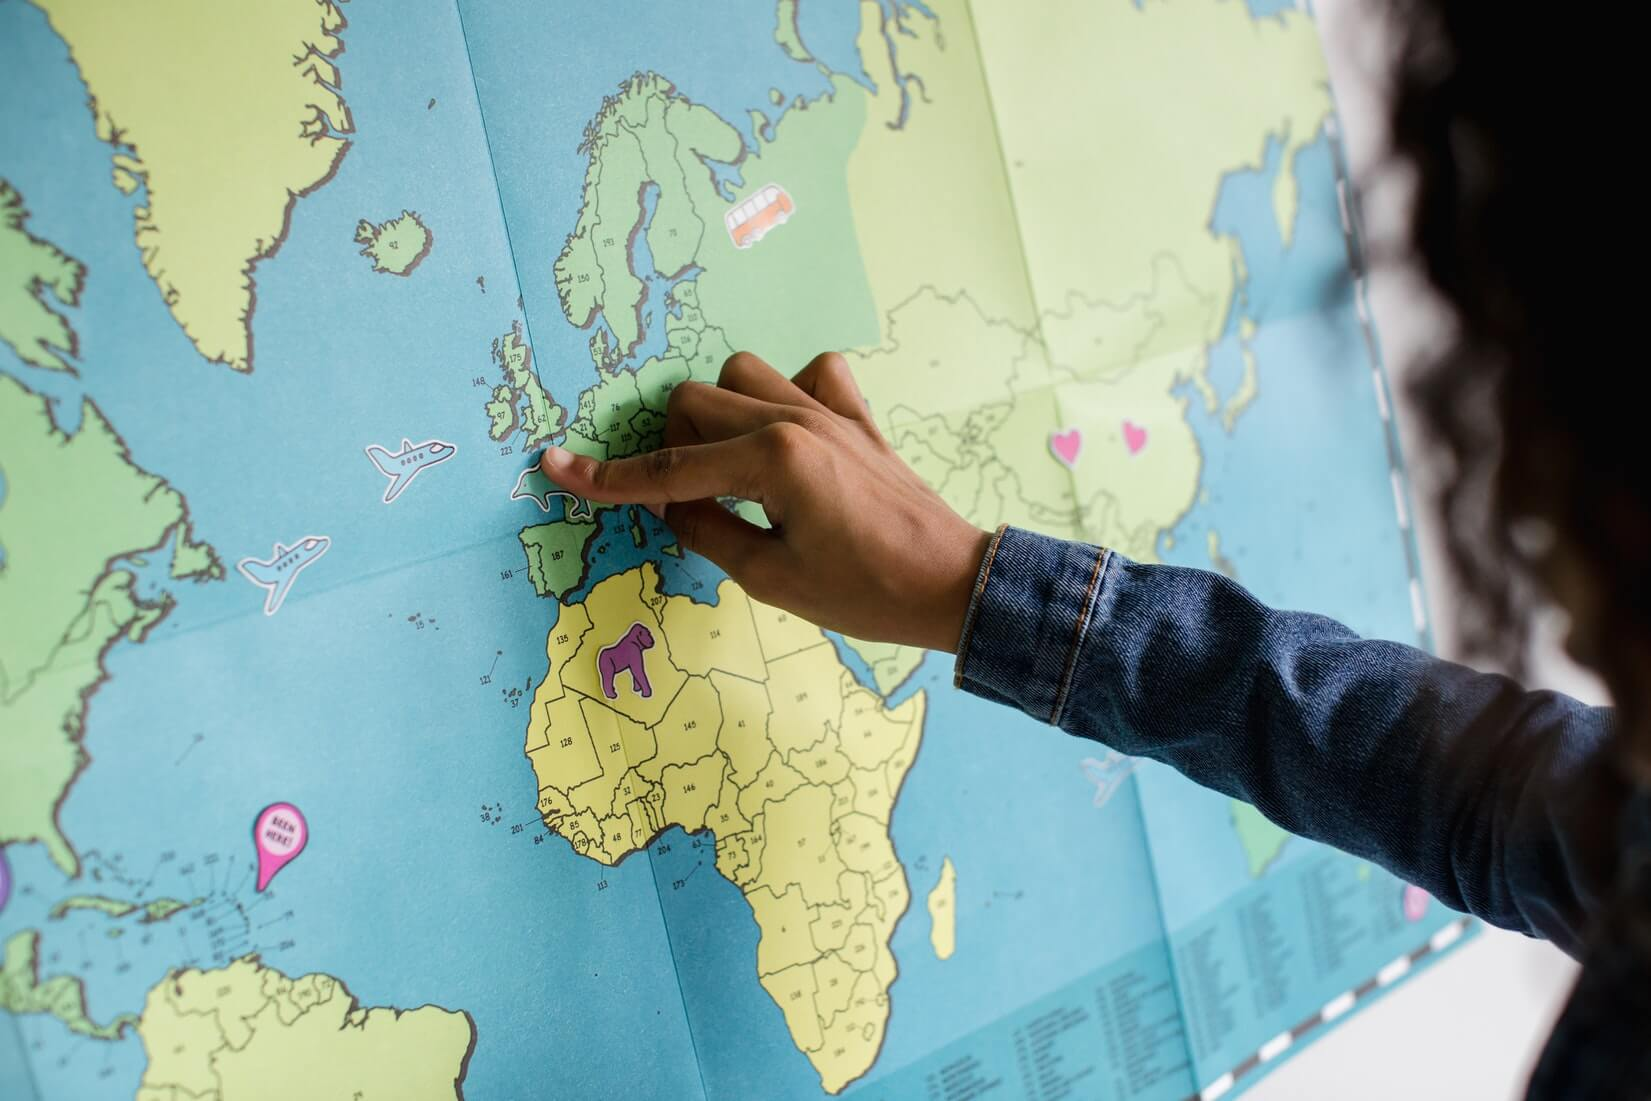 Viaggi con bambini: consigli per un'esperienza indimenticabile - 2021